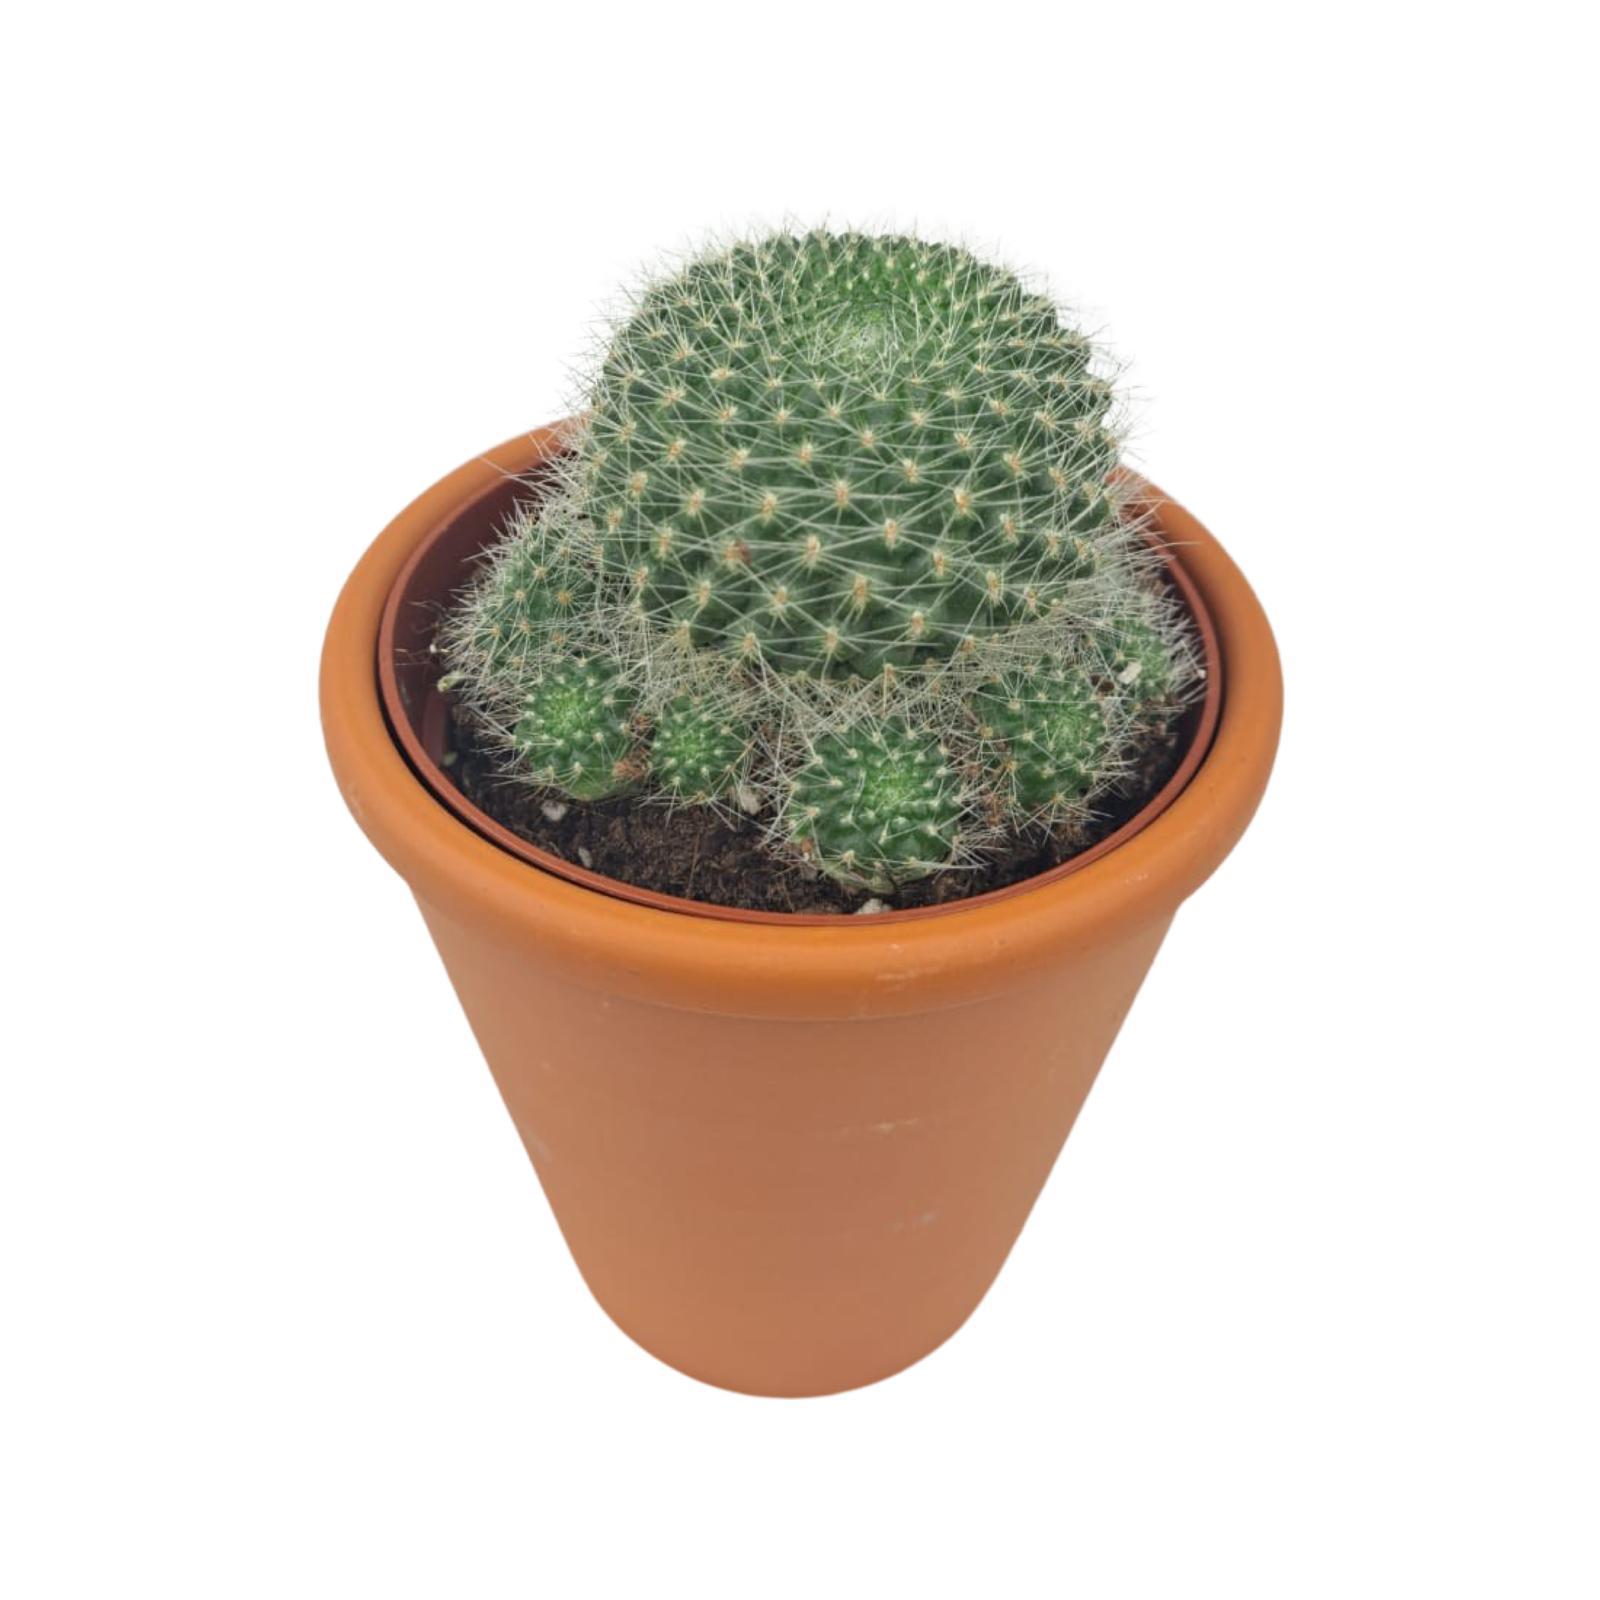 Cactus Balls Wholesale Plants